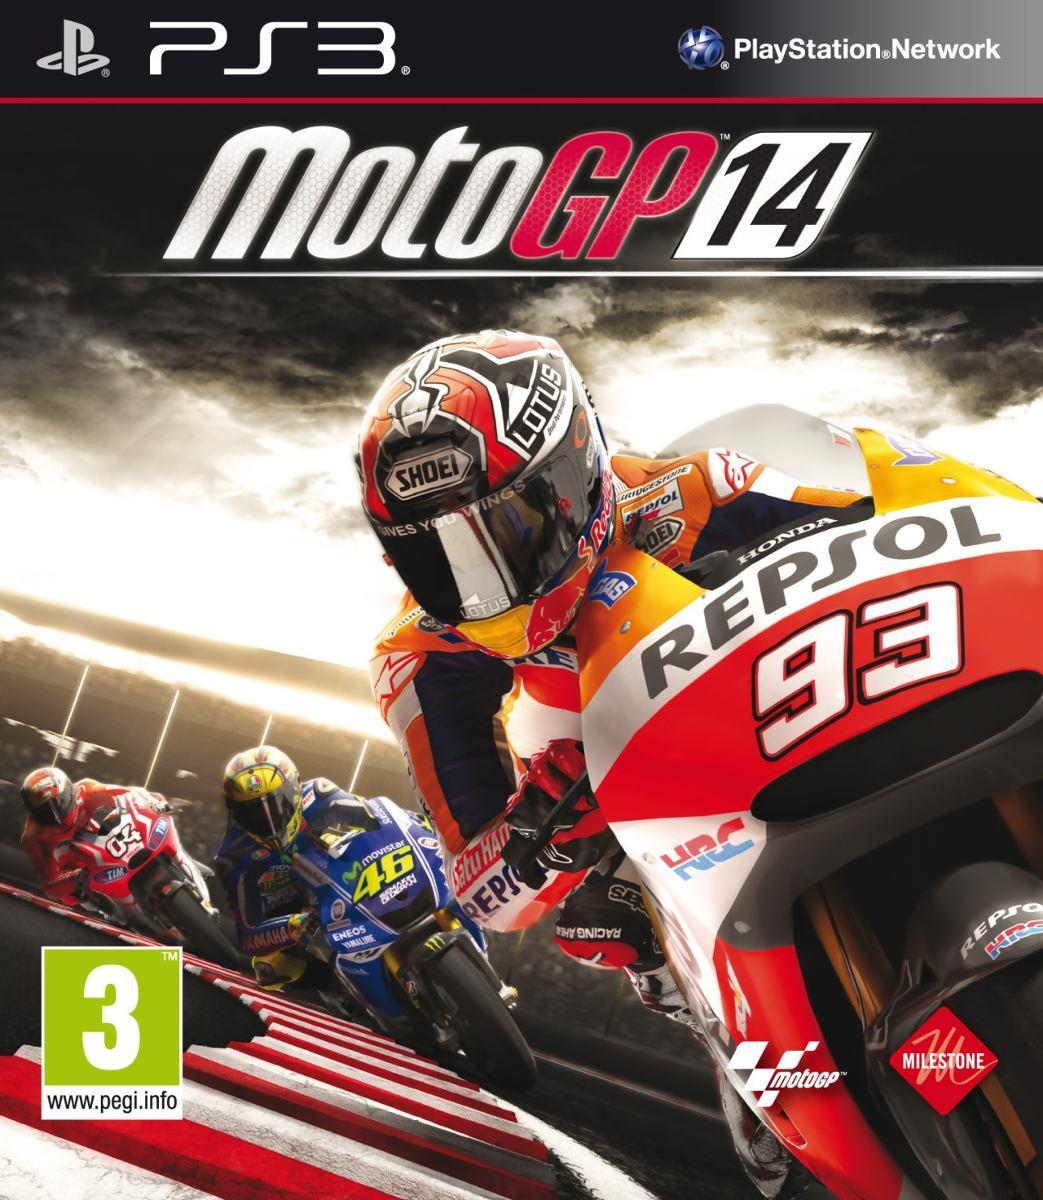 Jogo Novo Lacrado Moto Gp 14 Para Playstation 3 Ps3 - R$ 199,99 em Mercado Livre